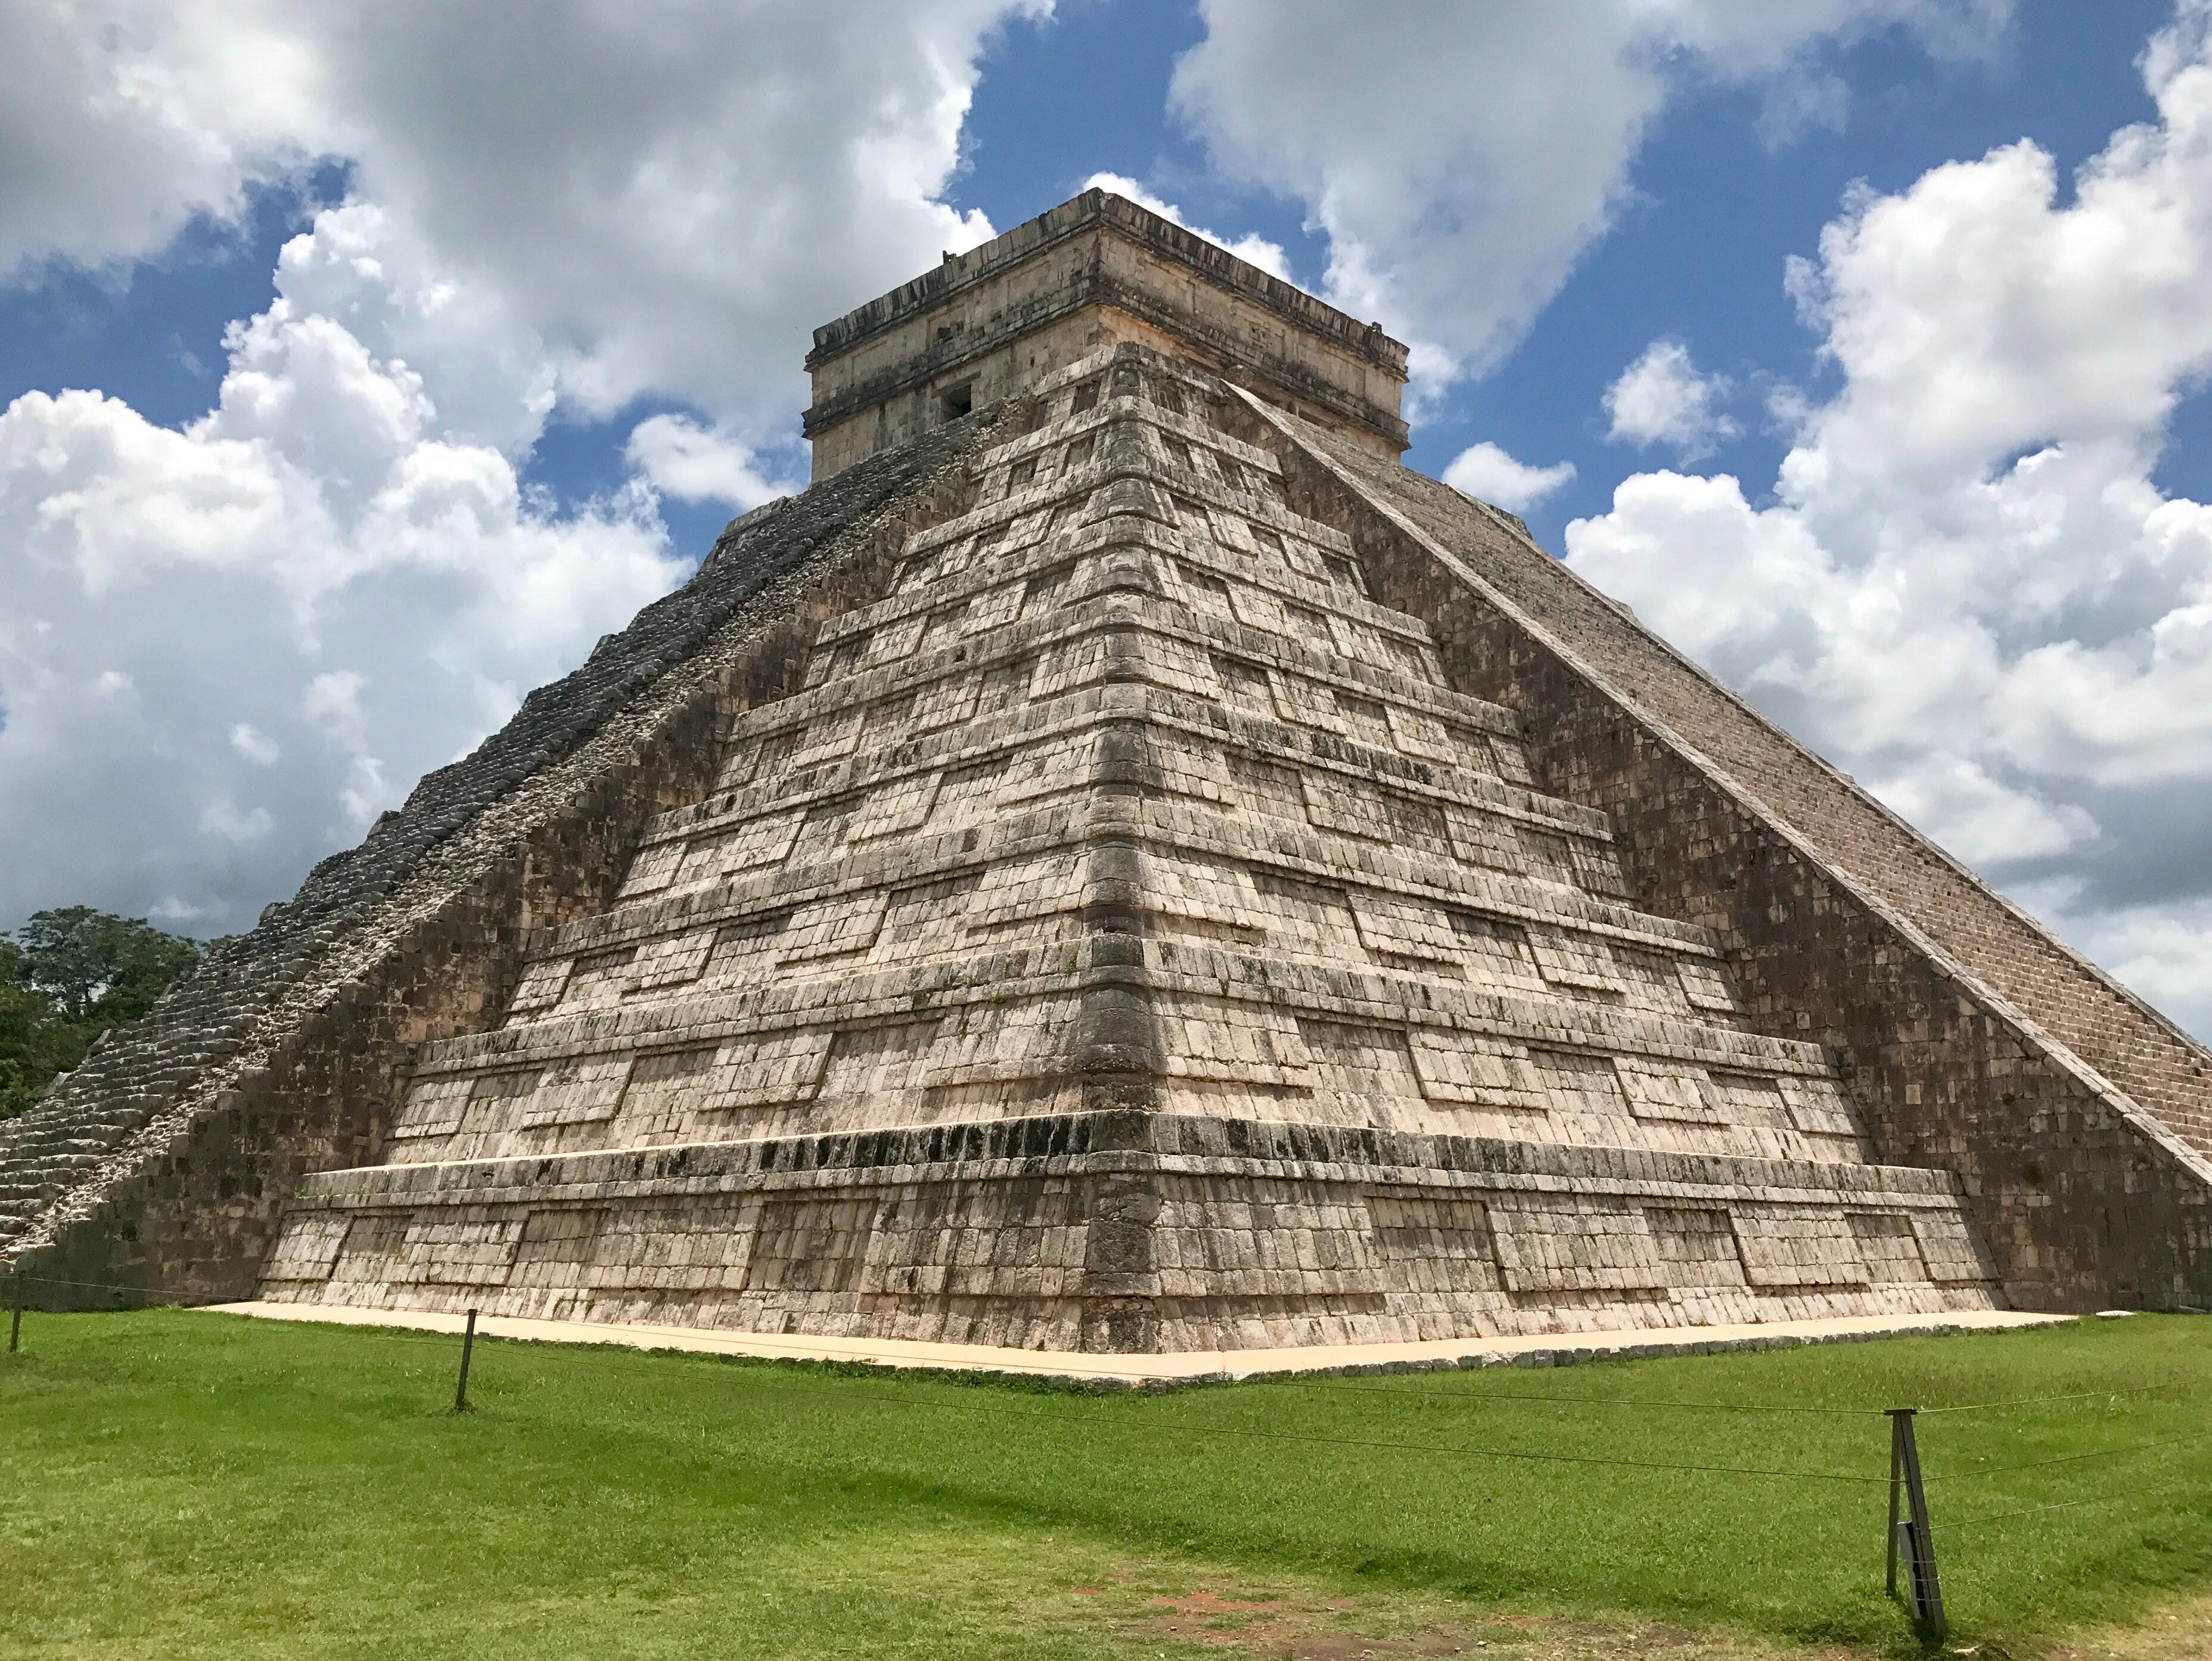 nuevas siete maravillas mundo moderno Chichén Itzá